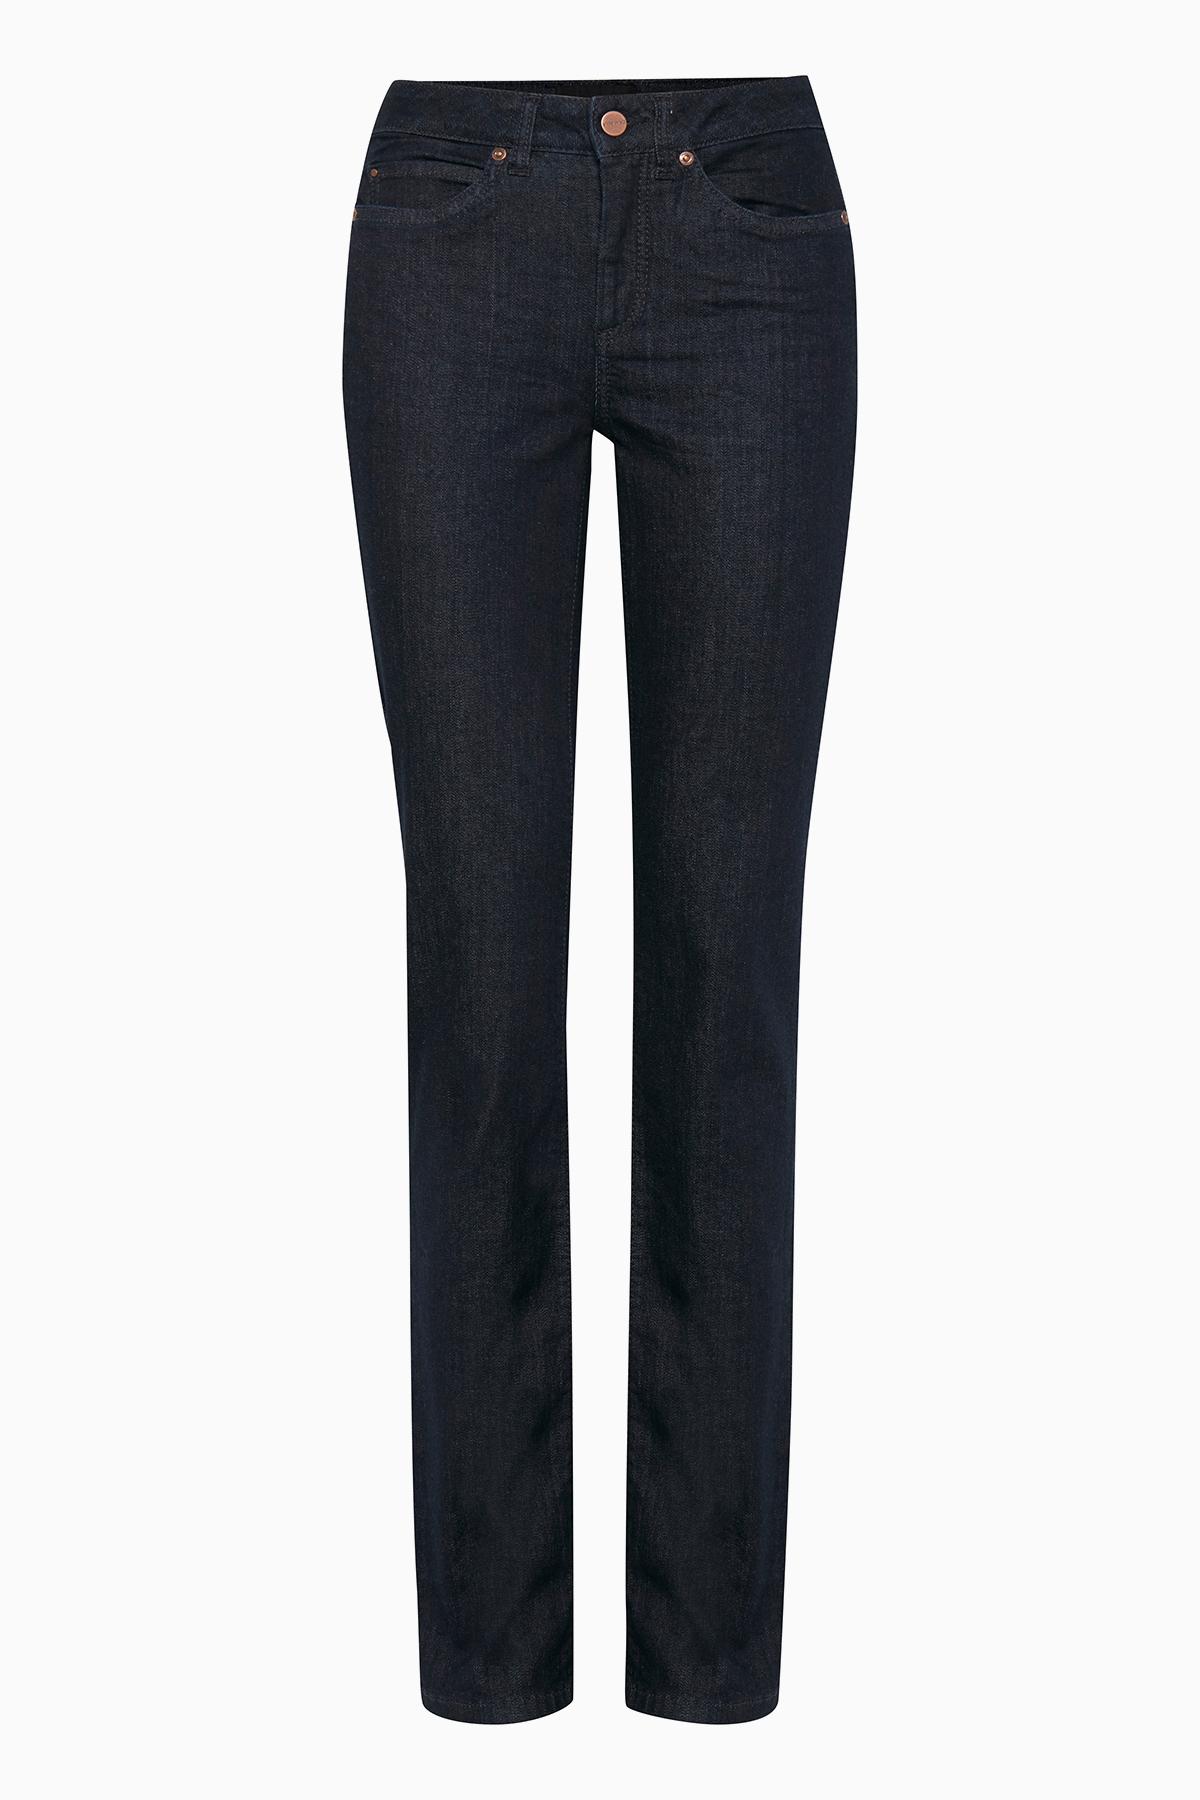 Image of Dranella Dame Flotte Vilnius jeans - Mørkeblå